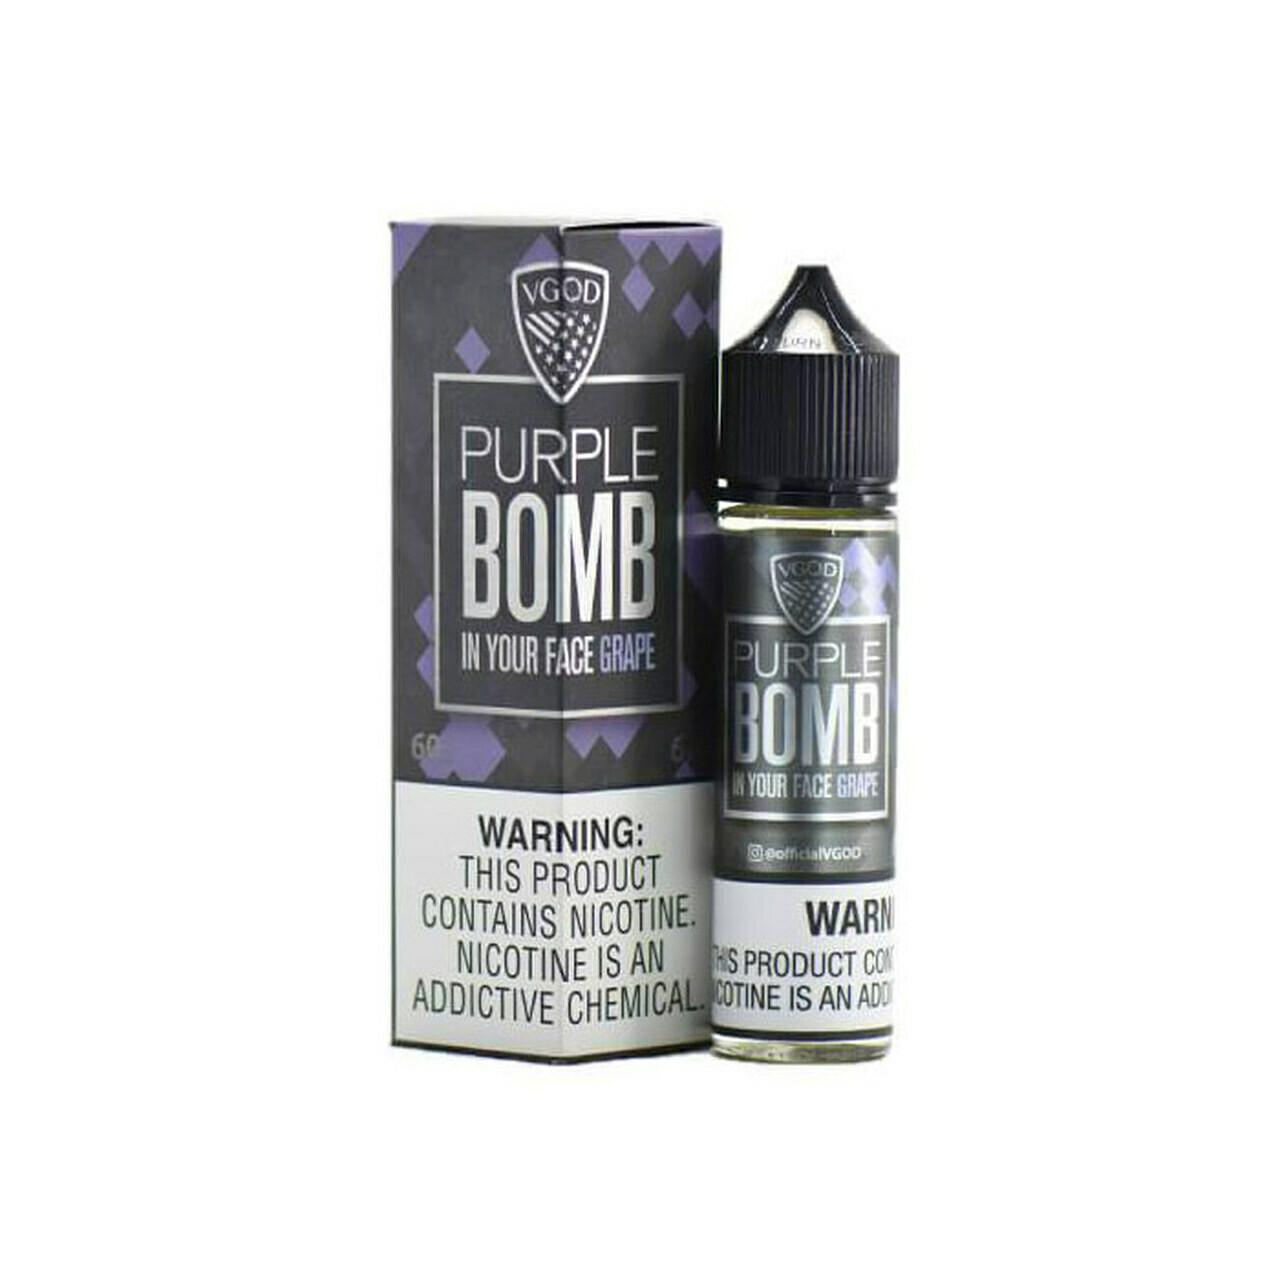 VGOD - Purple Bomb في جاد بيربل بومب عنب